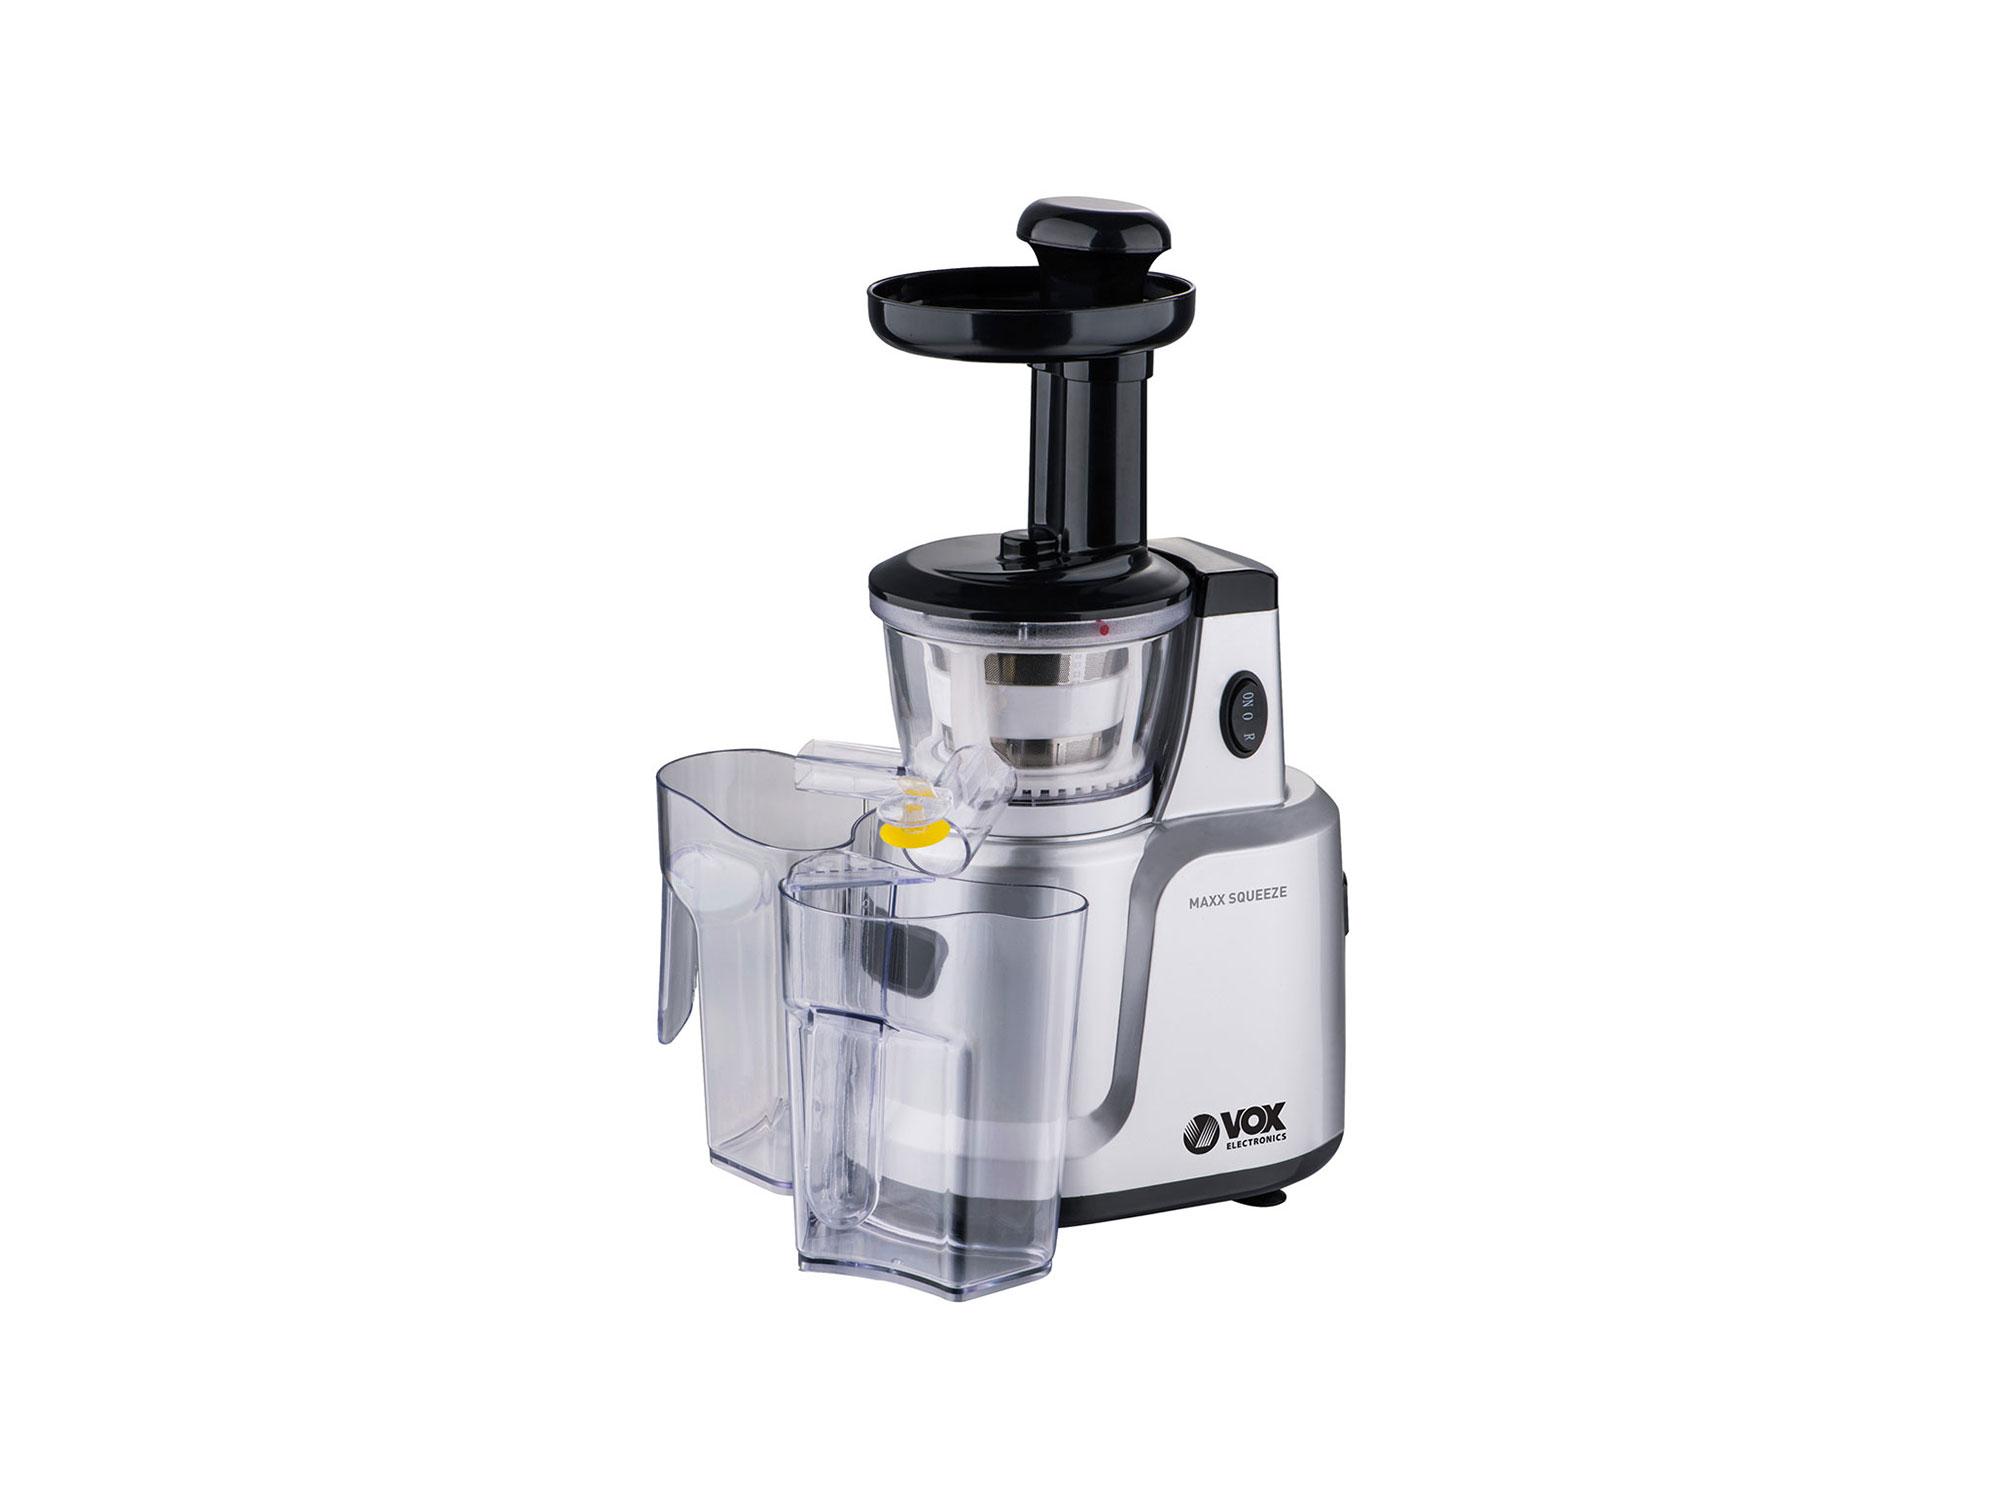 Vox sokovnik Slow juicer SJ 60 S